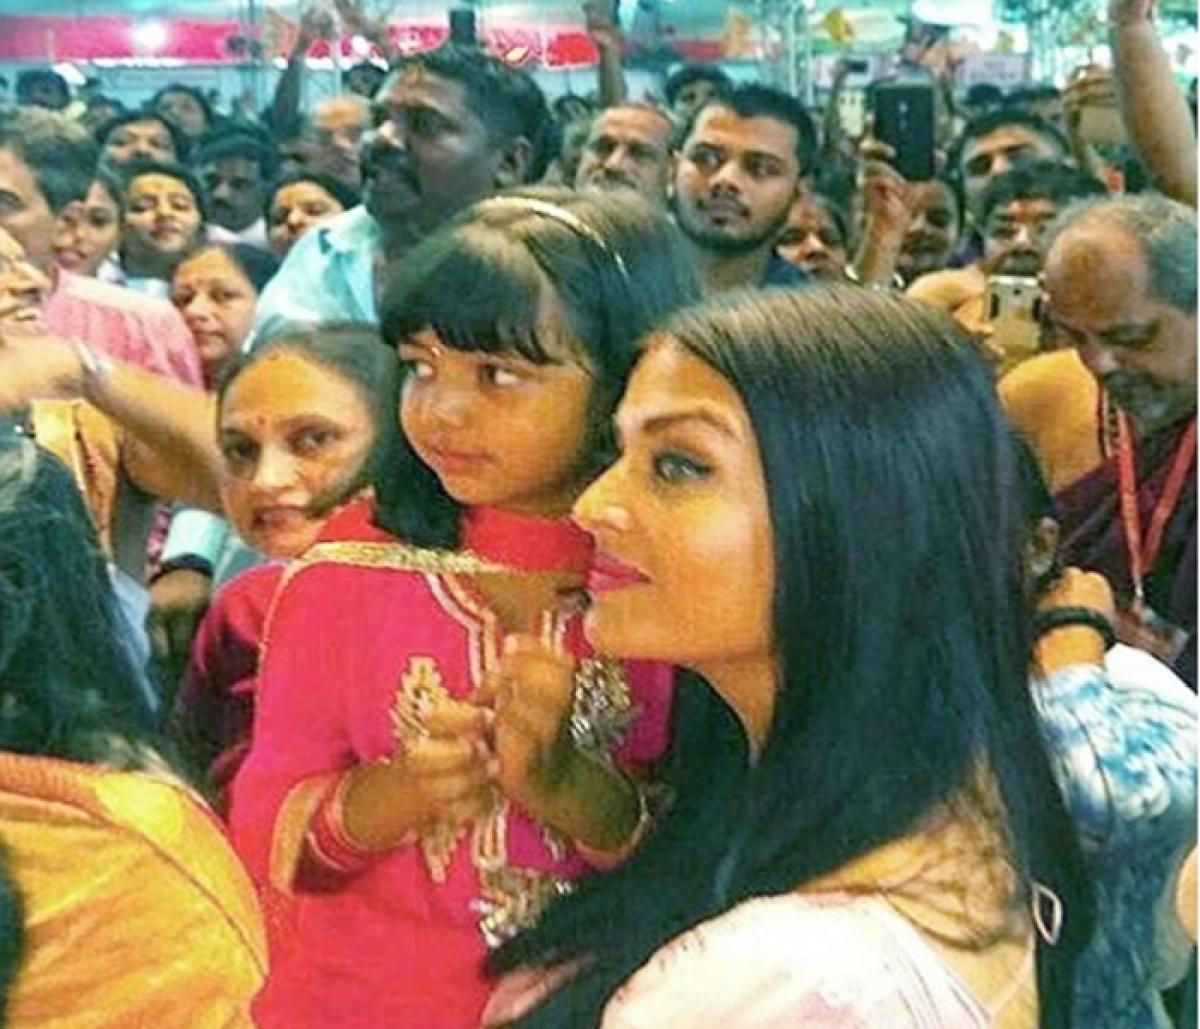 Ganesh Chaturthi 2017: Aishwarya Rai Bachchan takes blessing with daughter Aaradhya at Mumbai's Ganpati Pandal